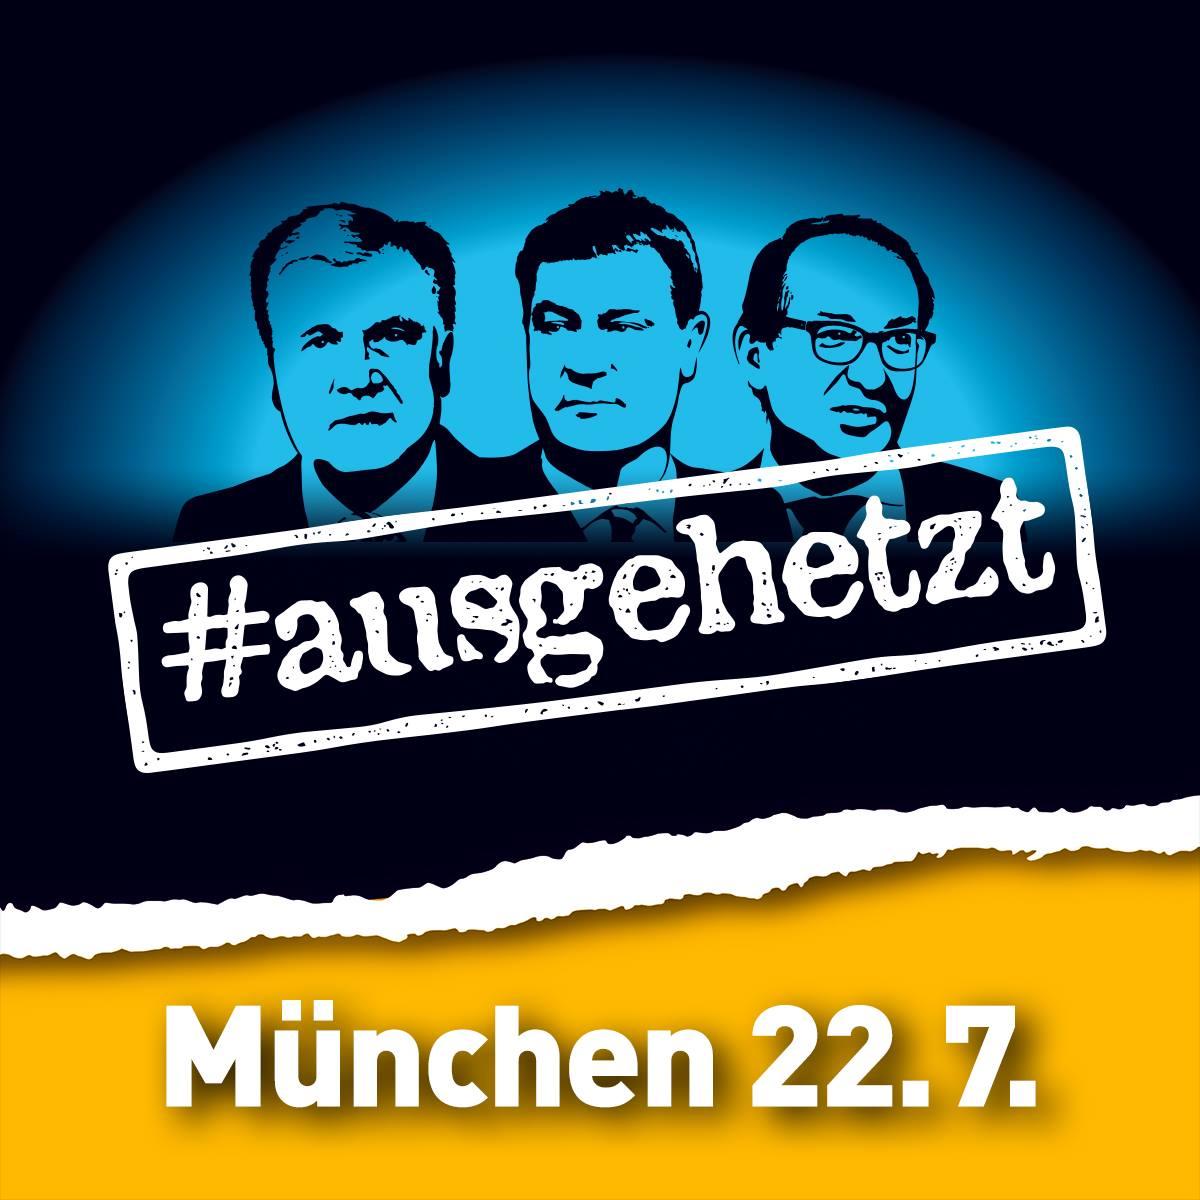 ausgehetzt 22.7.2018 München